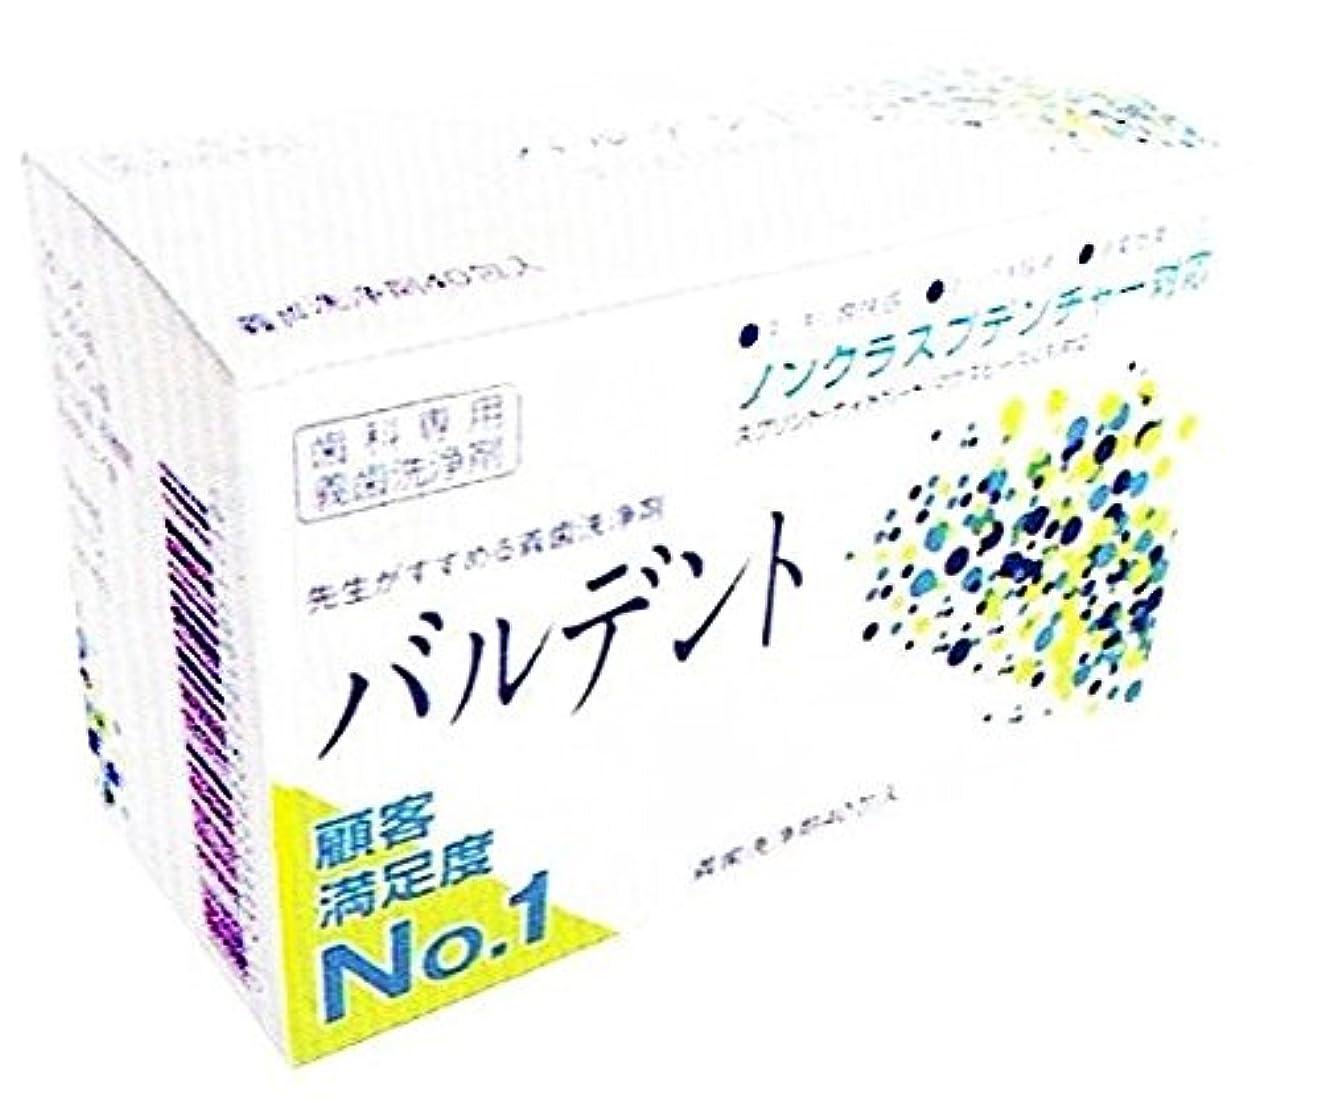 悪魔依存パイロットバルデント 1箱(40包入) 歯科専用 義歯洗浄剤